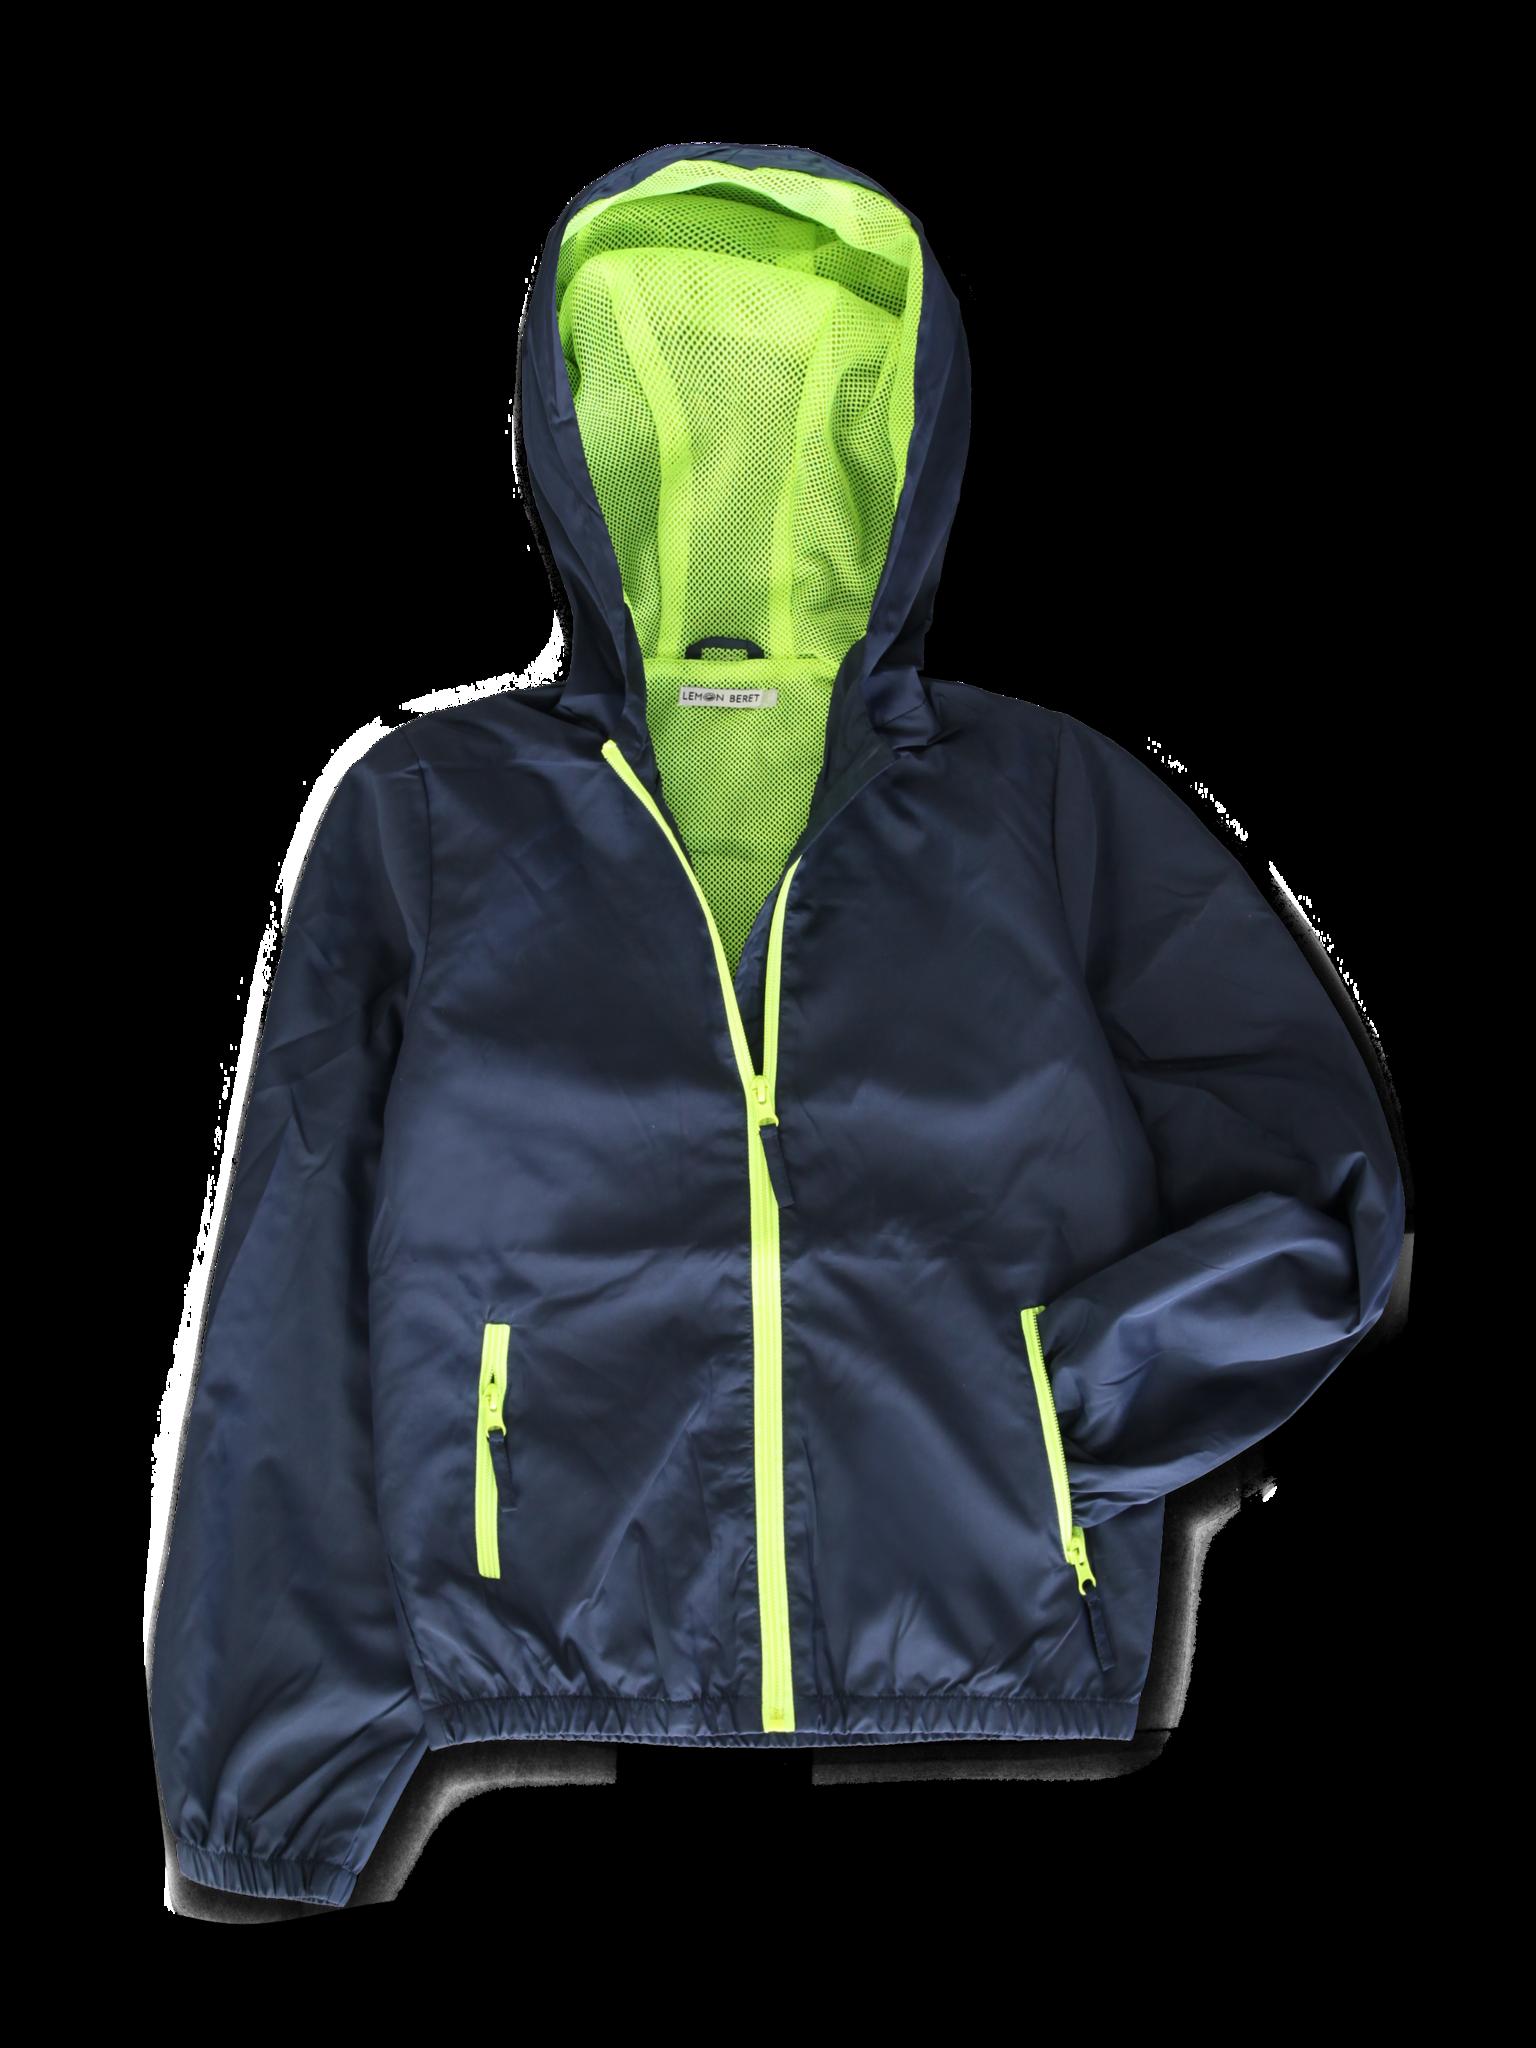 All Brands   Summerproducts Teen Girls   Jacket   10 pcs/box